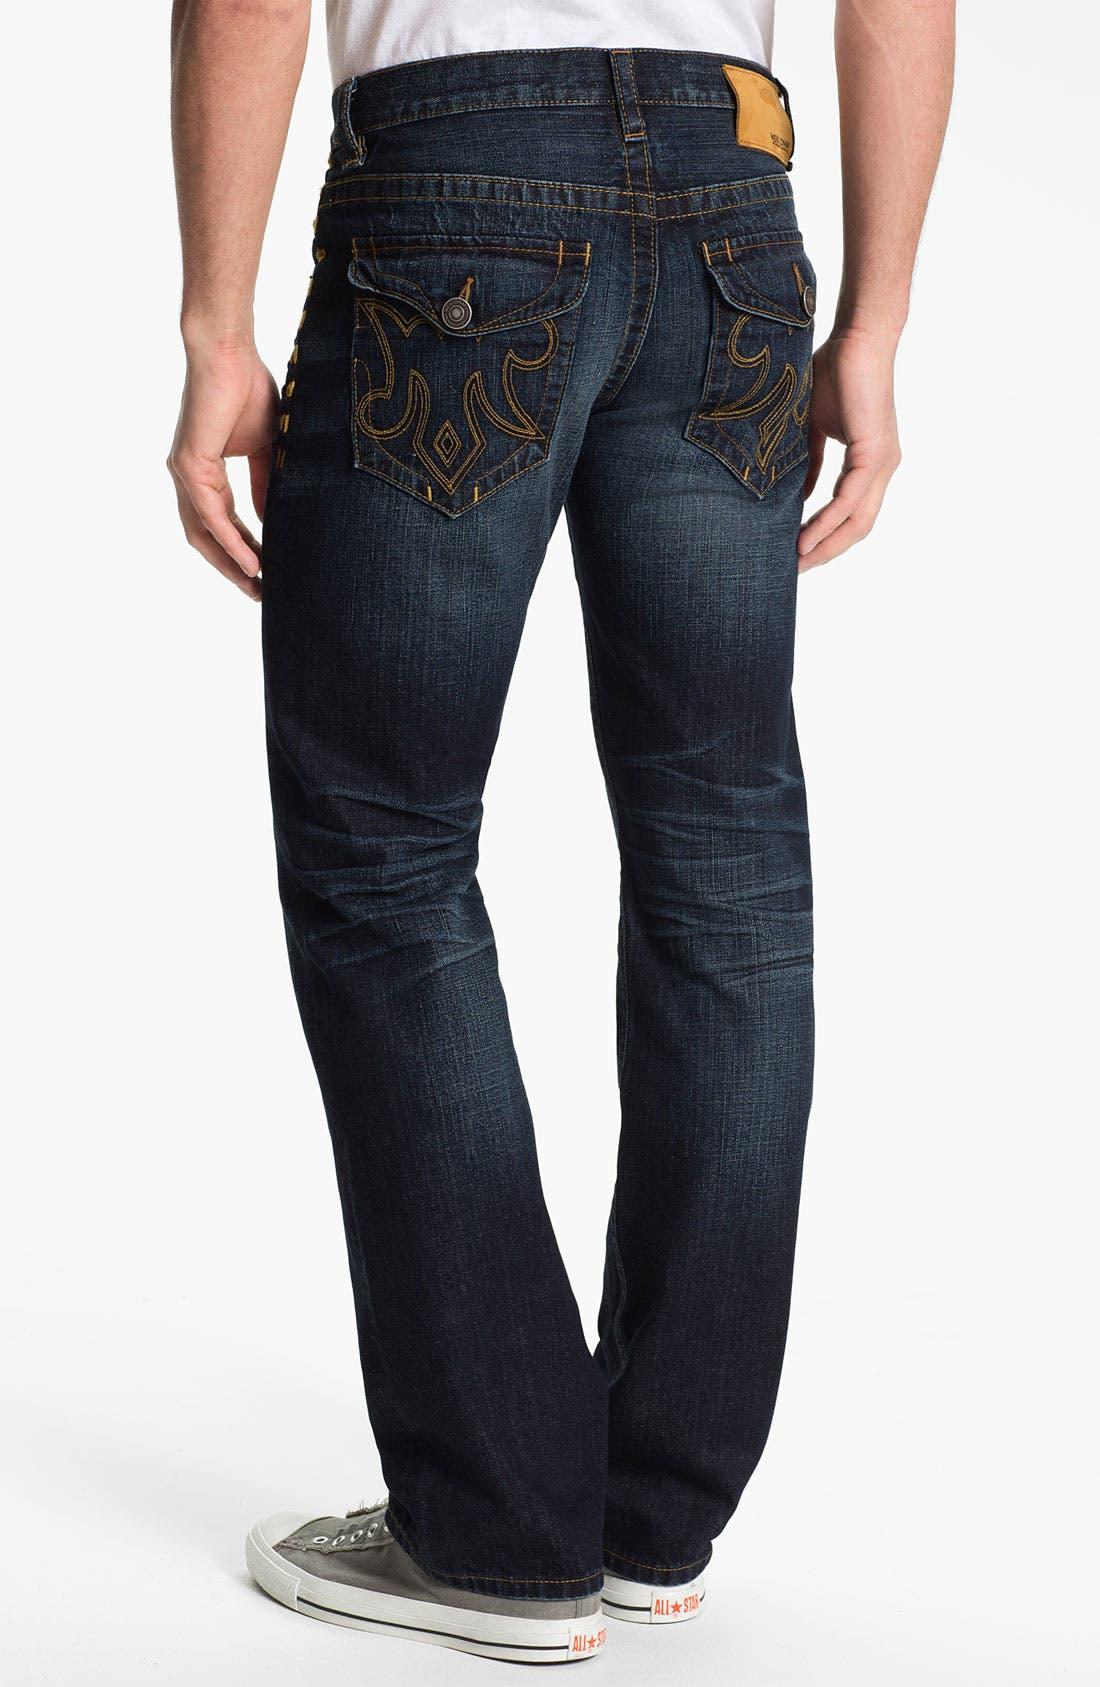 Alternate Image 1 Selected - MEK Denim 'Tucker' Straight Leg Jeans (Chandler)